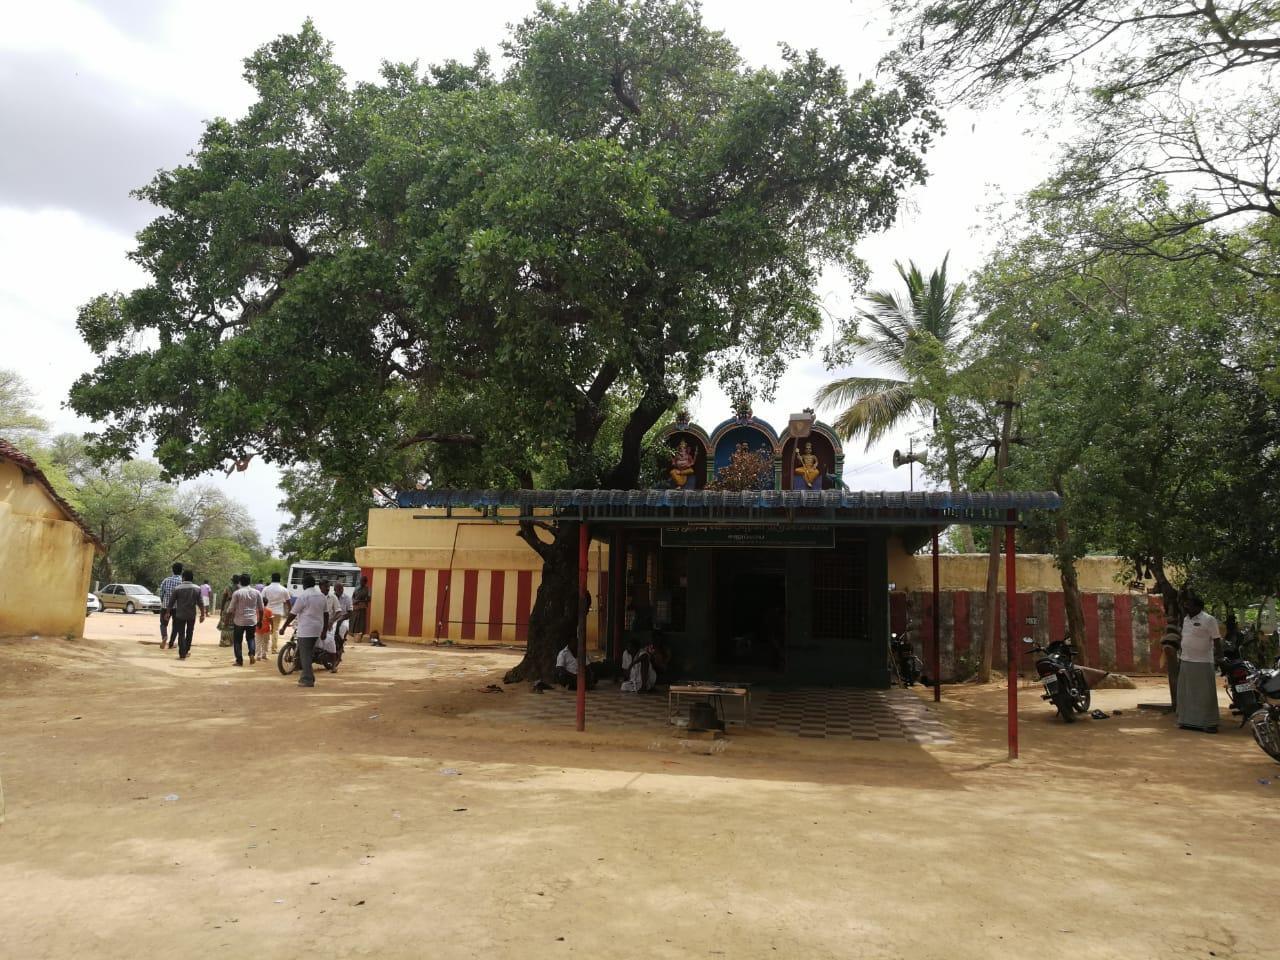 துறவு மேலழகர் கோயில்